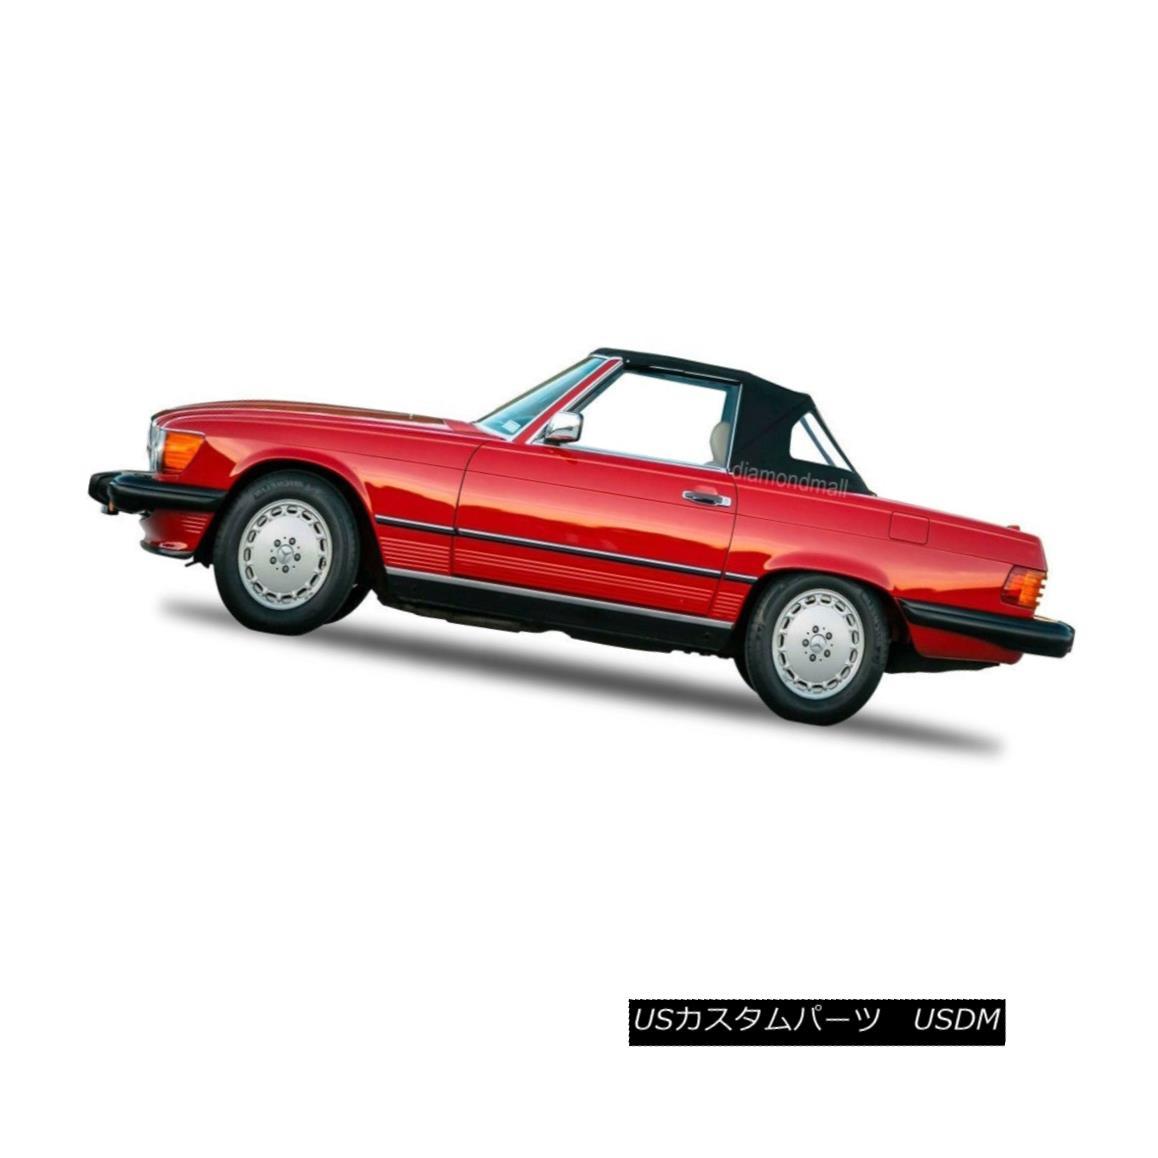 幌・ソフトトップ Mercedes R107 560SL 380SL 450SL Convertible Soft Top 1972-1989 BLACK STAYFAST メルセデスR107 560SL 380SL 450SLコンバーチブルソフトトップ1972-1989 BLACK STAYFAST